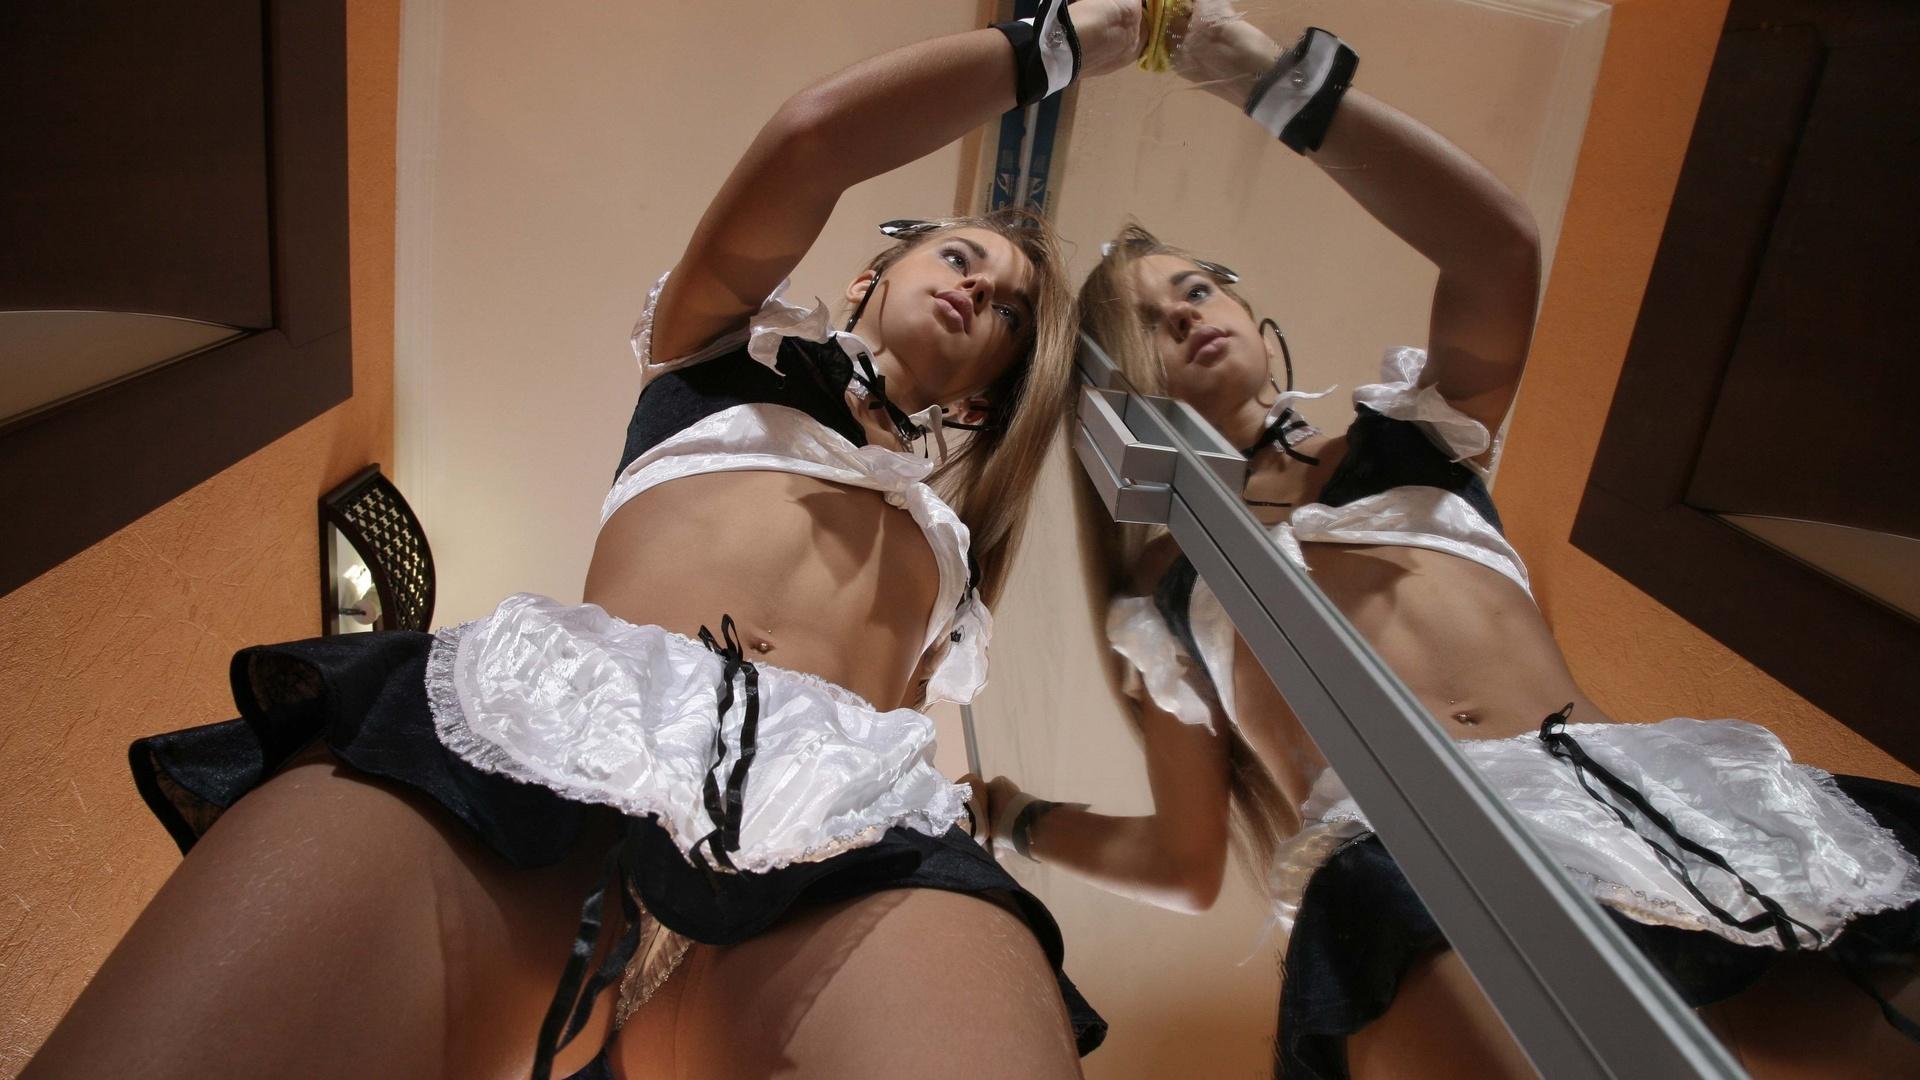 Эротическое приключения служанки, Порно служанки онлайн, горничные в униформе на 24 1 фотография